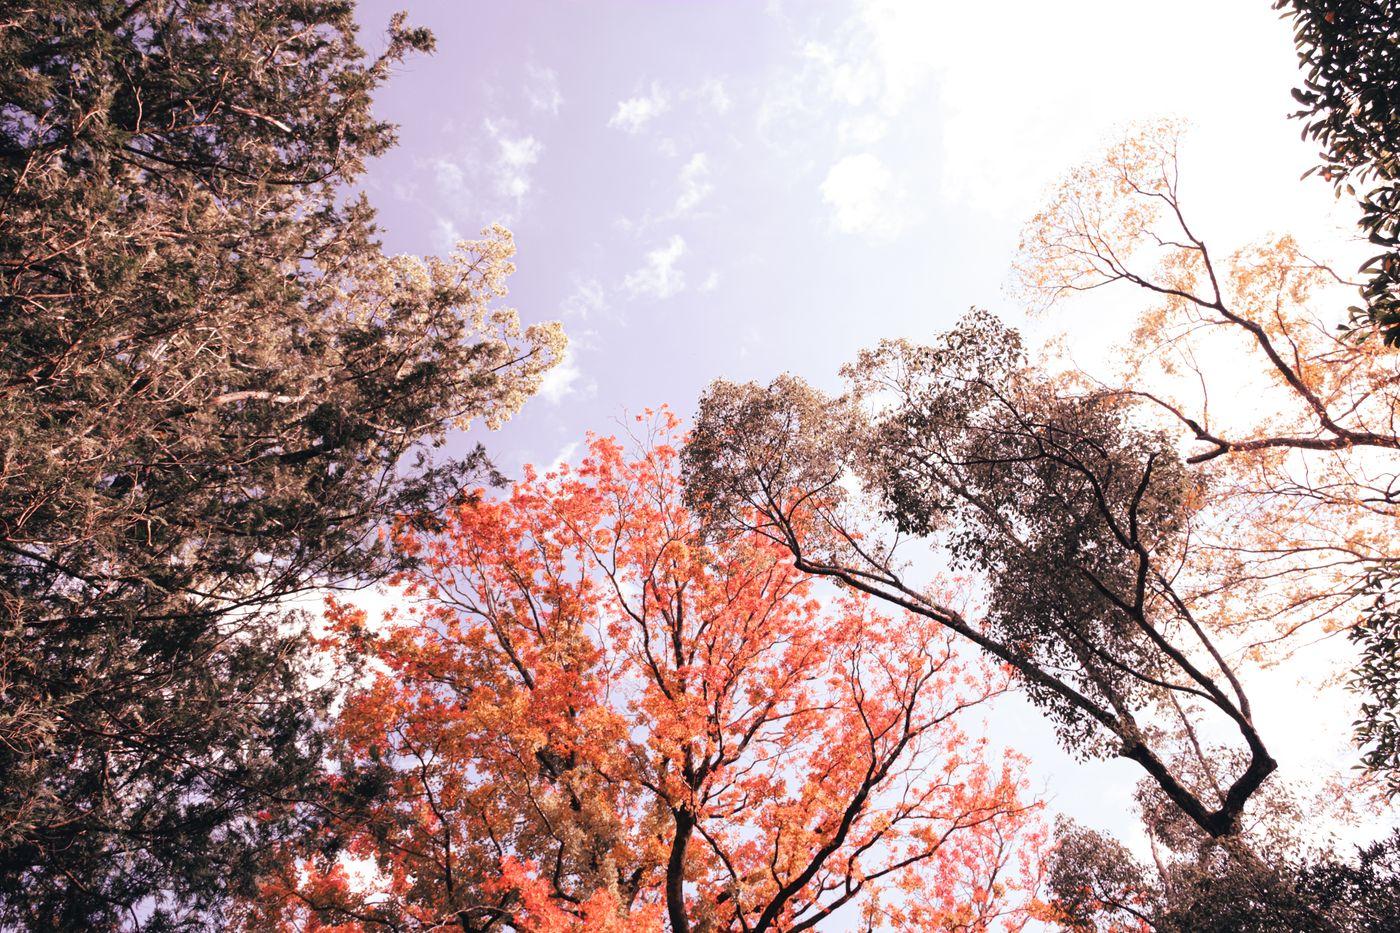 紅葉した木々と青空の写真